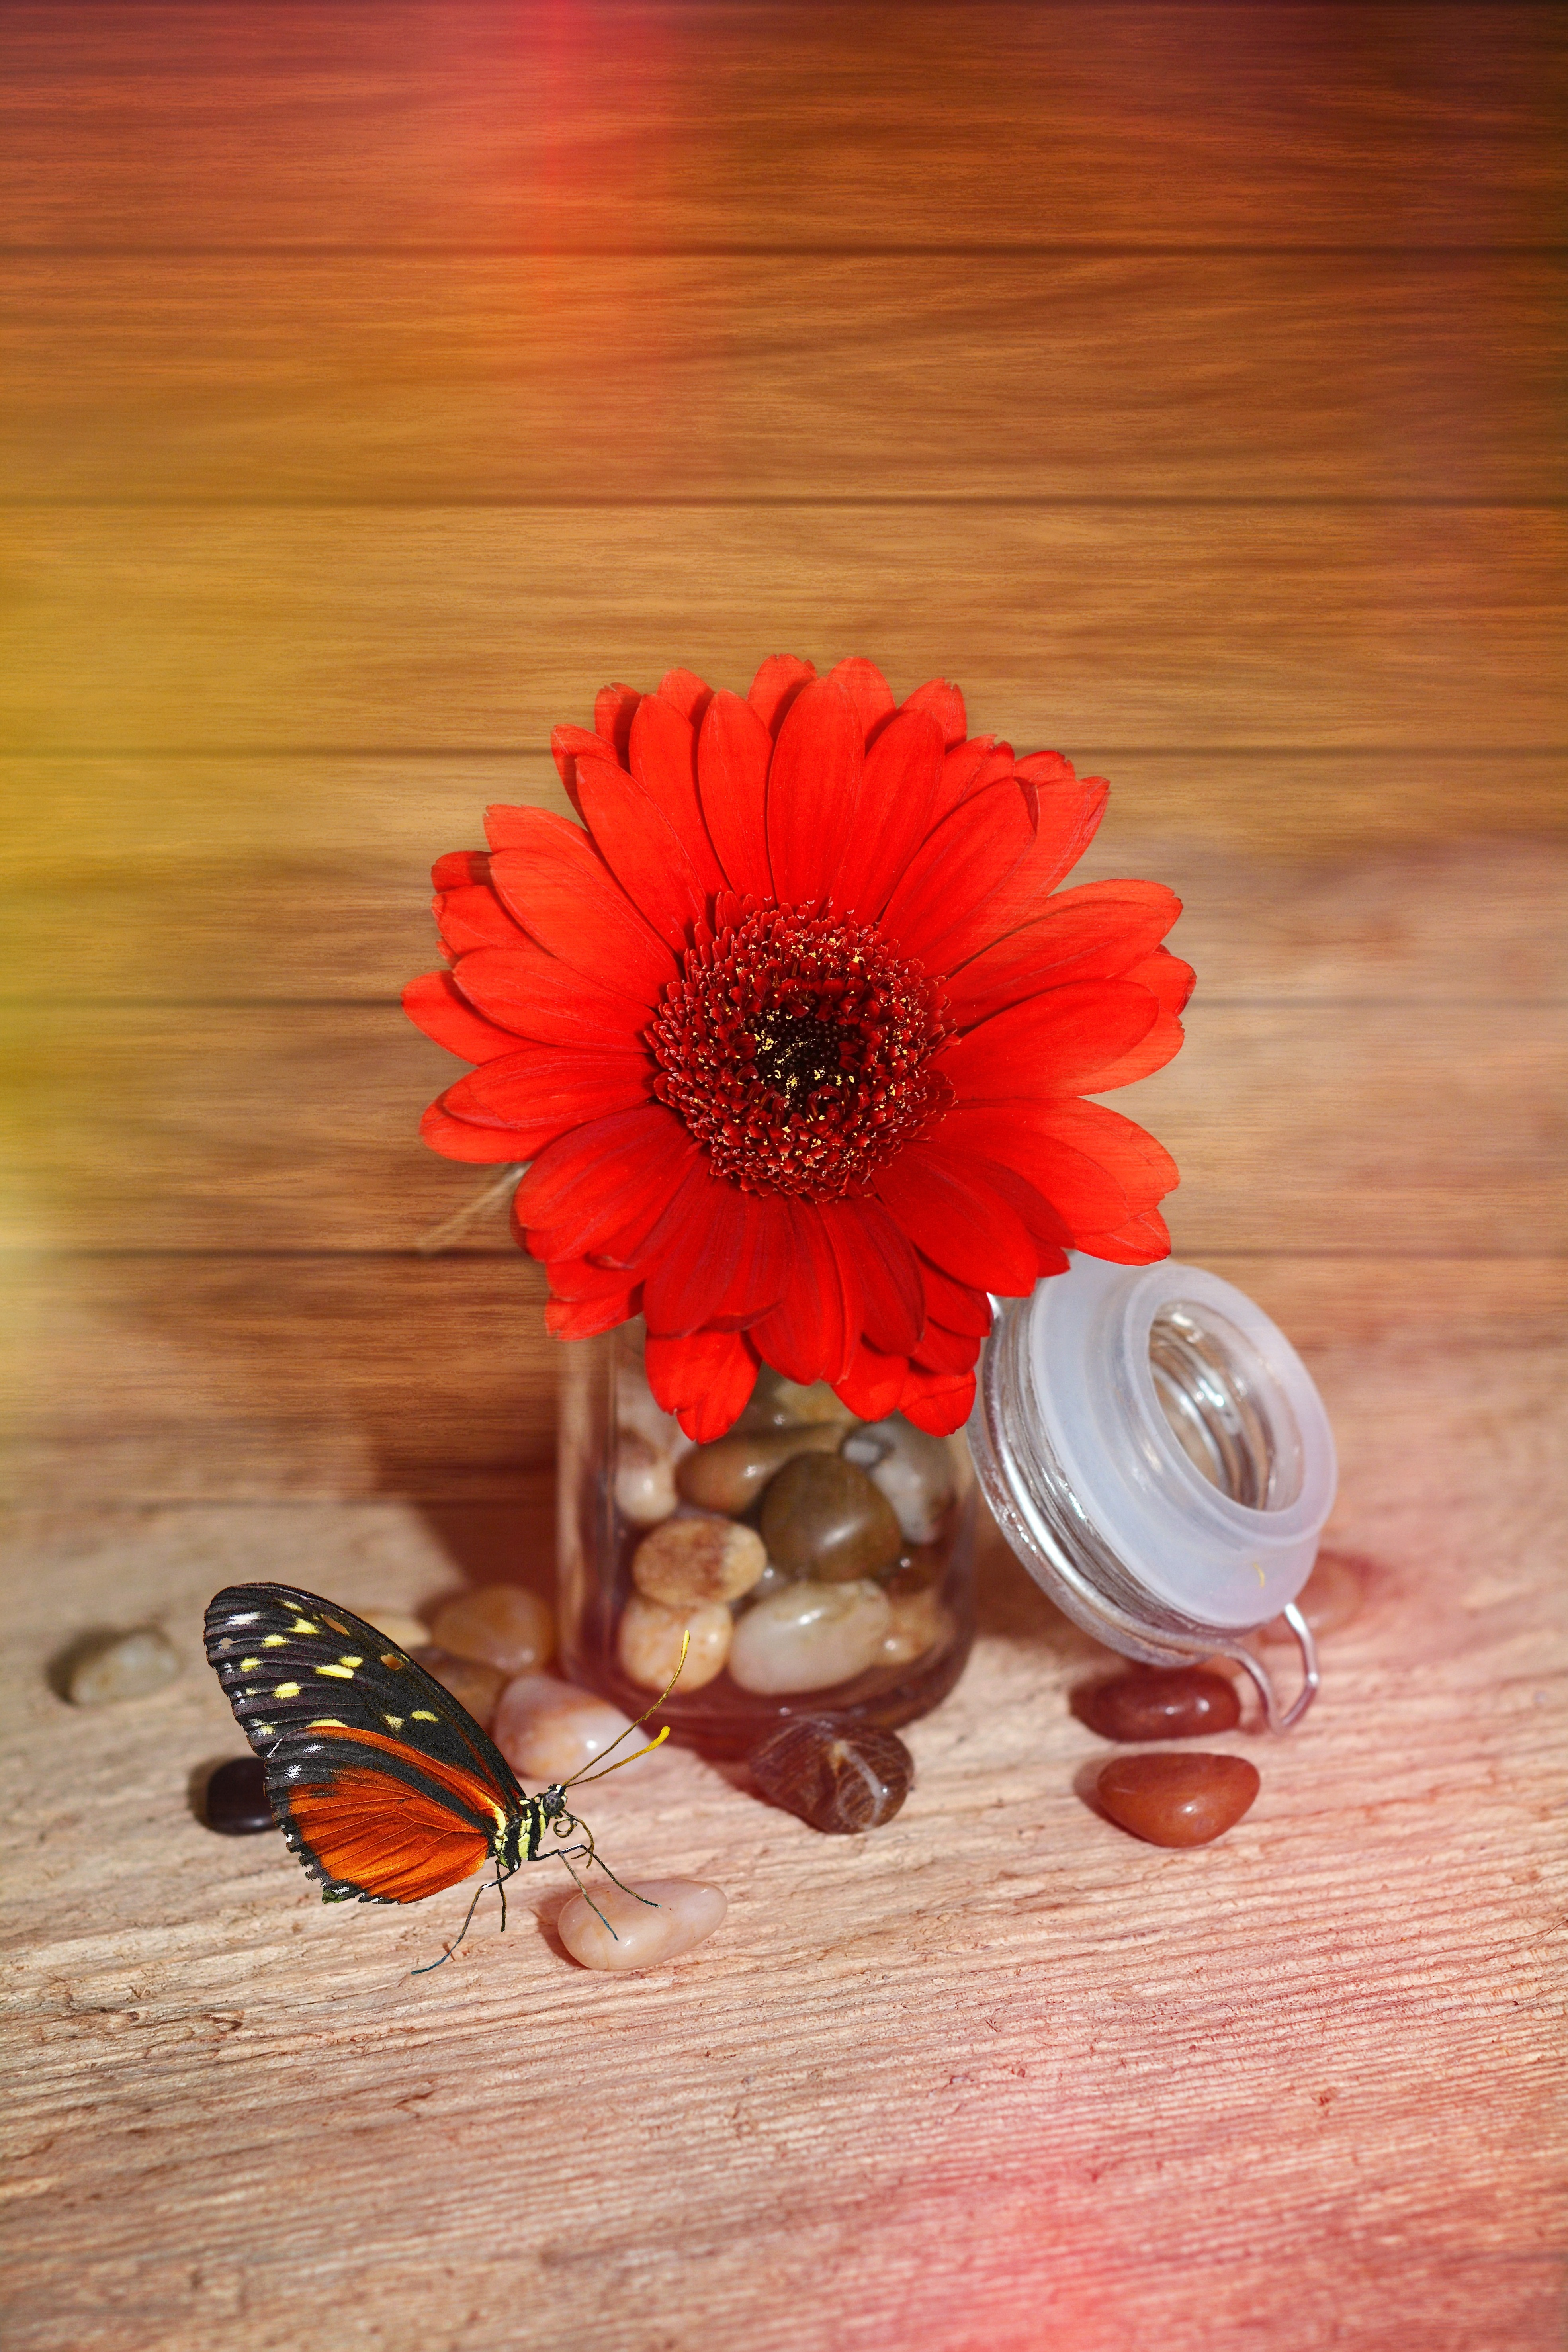 Red, Nature, Fresh, Flower, Freshness, HQ Photo